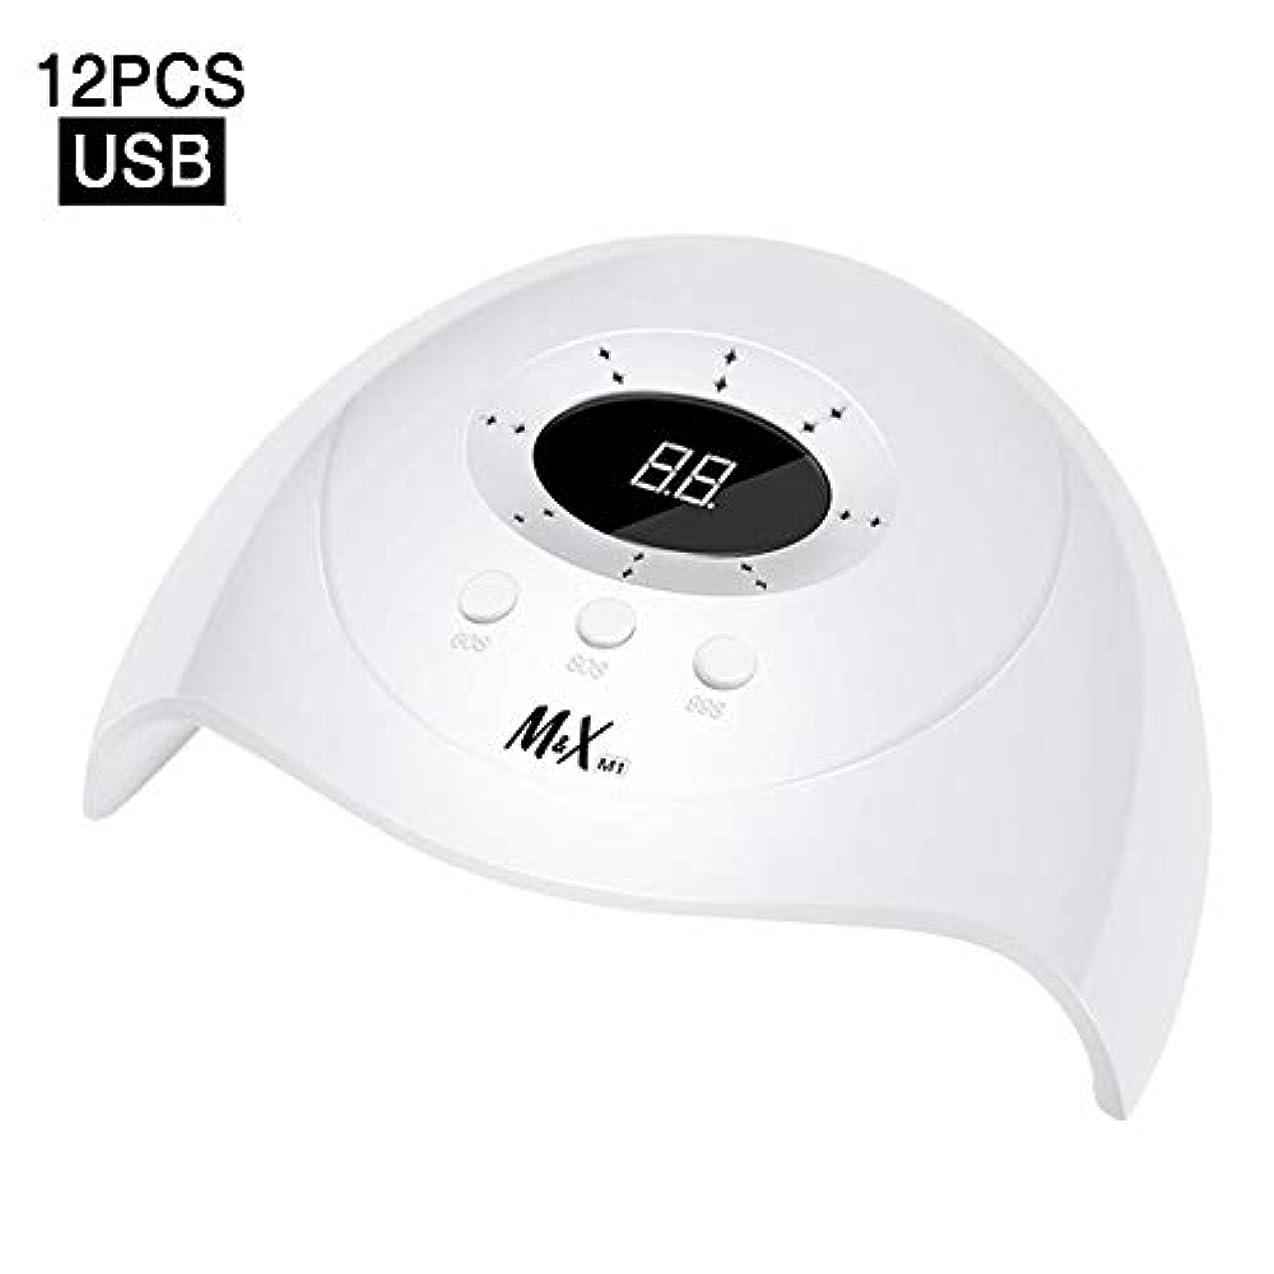 労苦アルカイックガラスネイル光線療法機 ネイルドライヤー ネイルランプ ライト ジェルネイル用 36Wネイル光線療法機三段変速知能誘導速乾性光線療法ランプベーキングランプネイルマシン(USB)